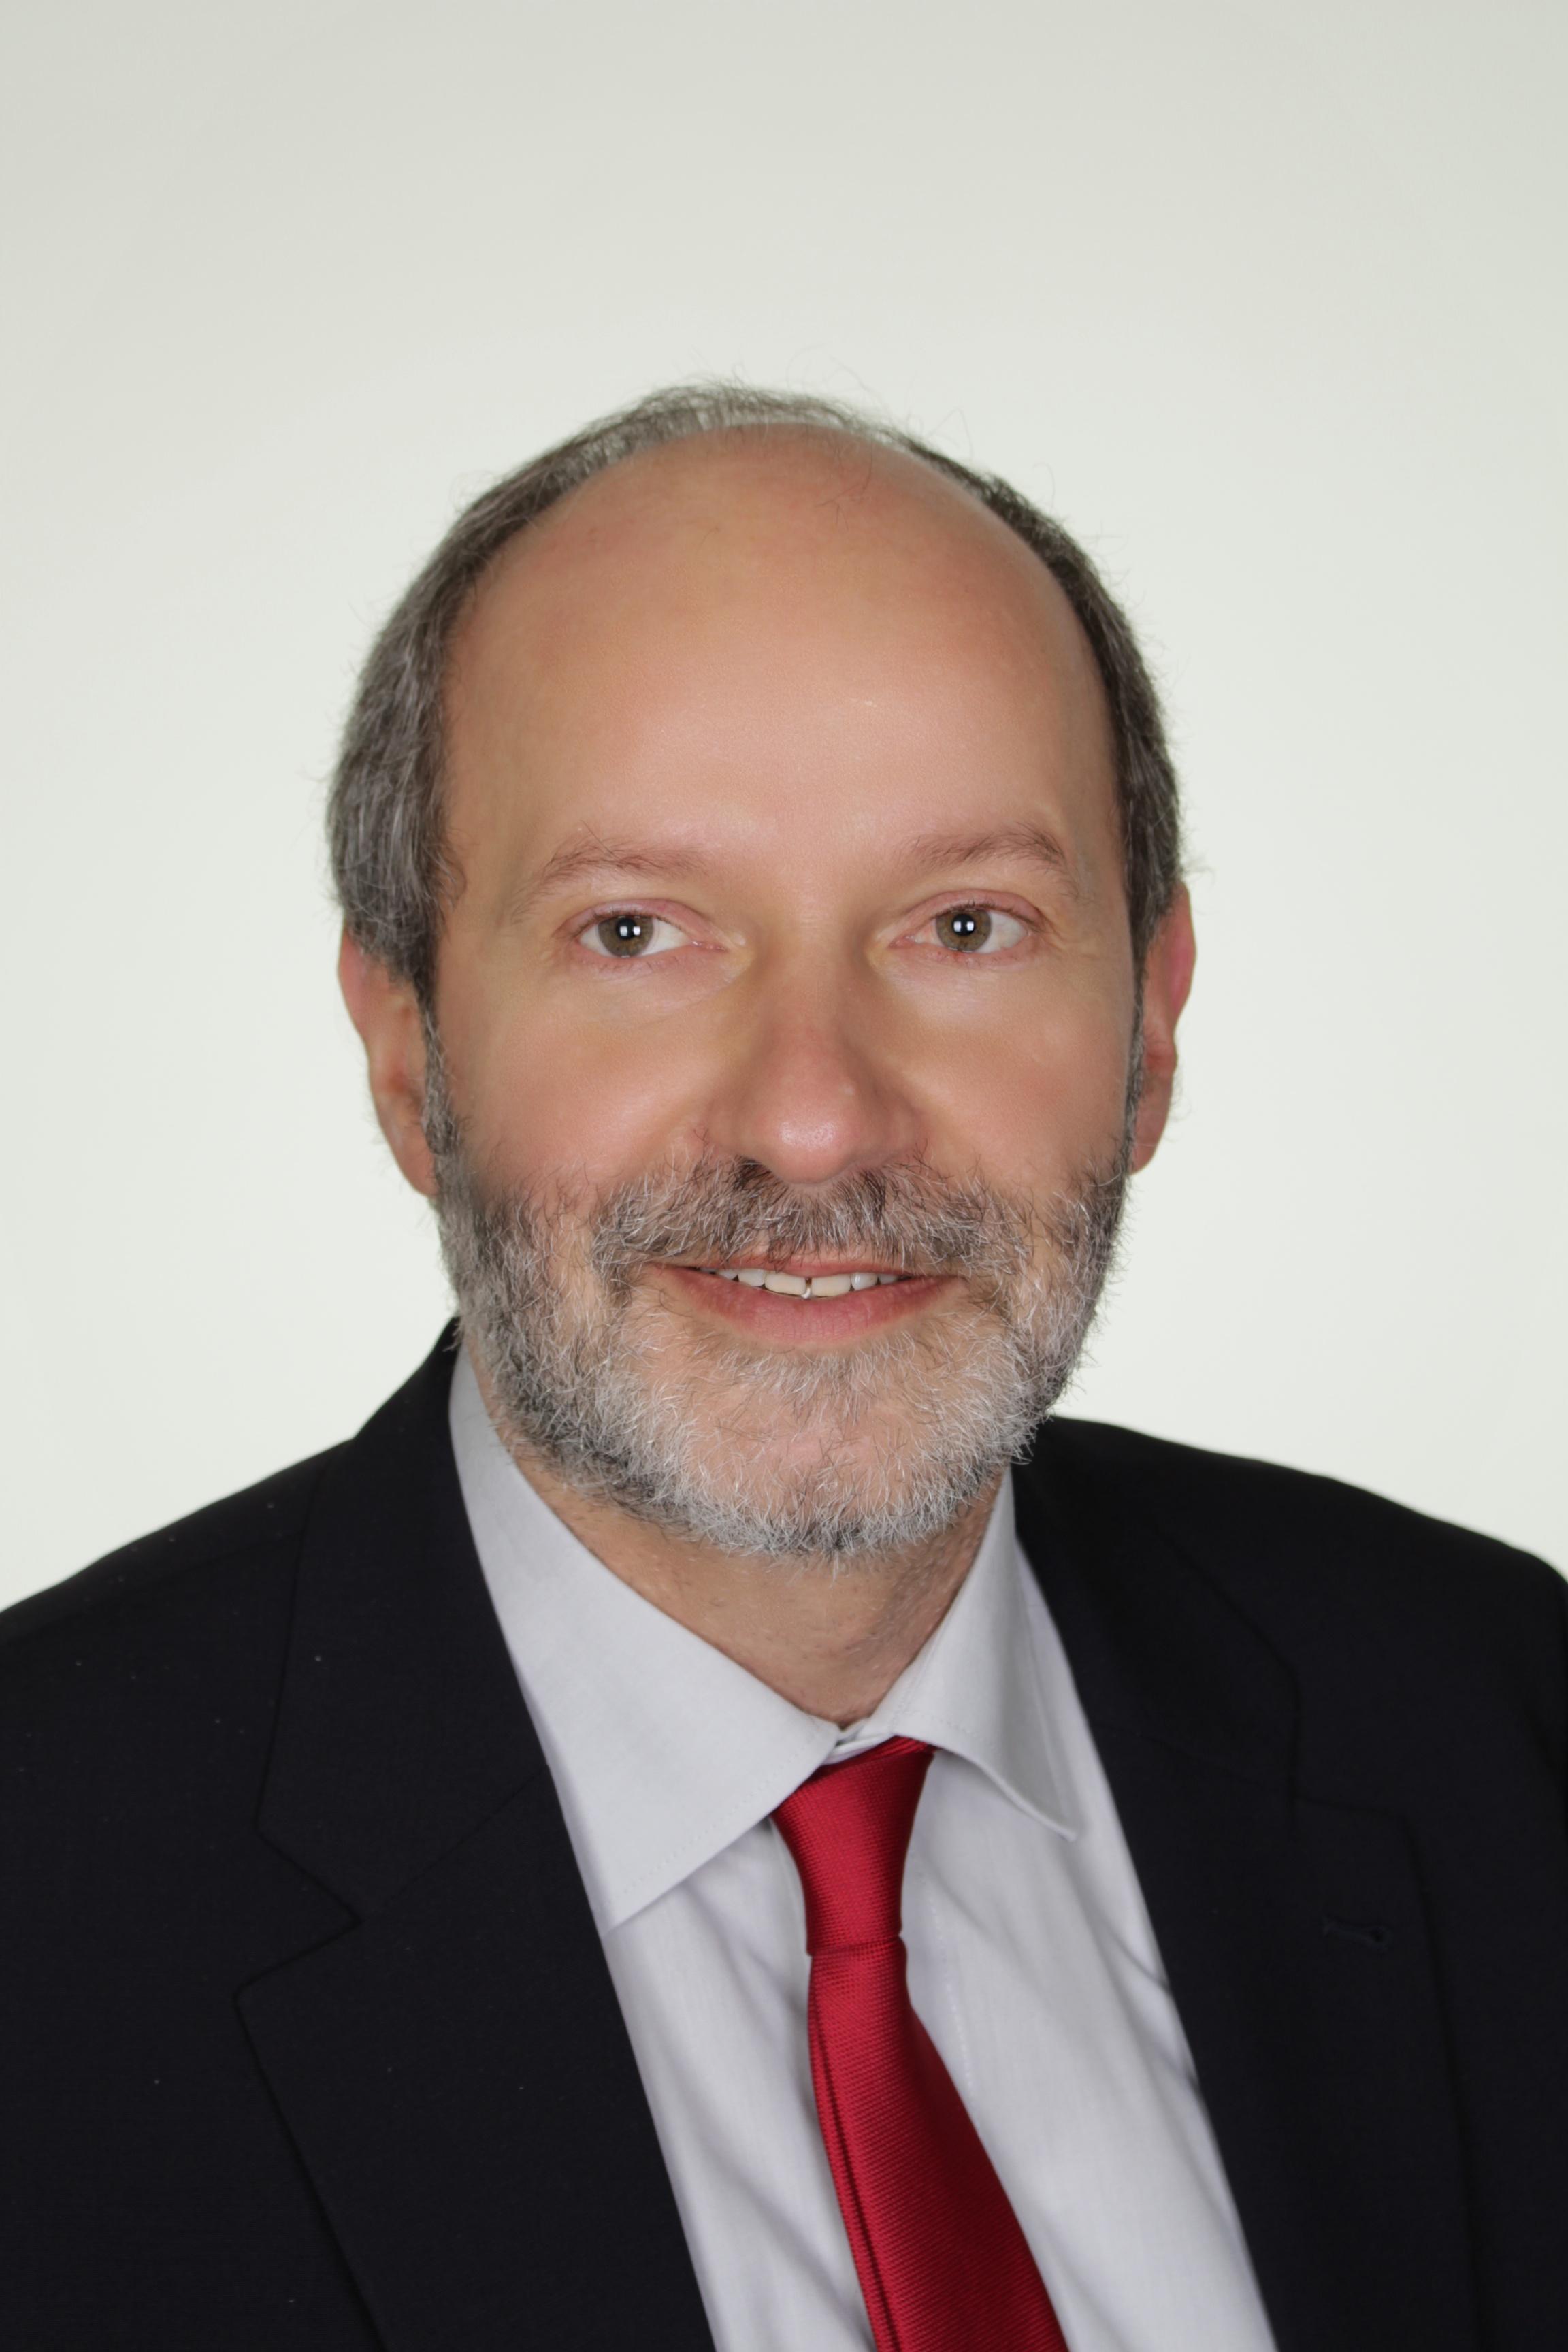 dr. András Balogh